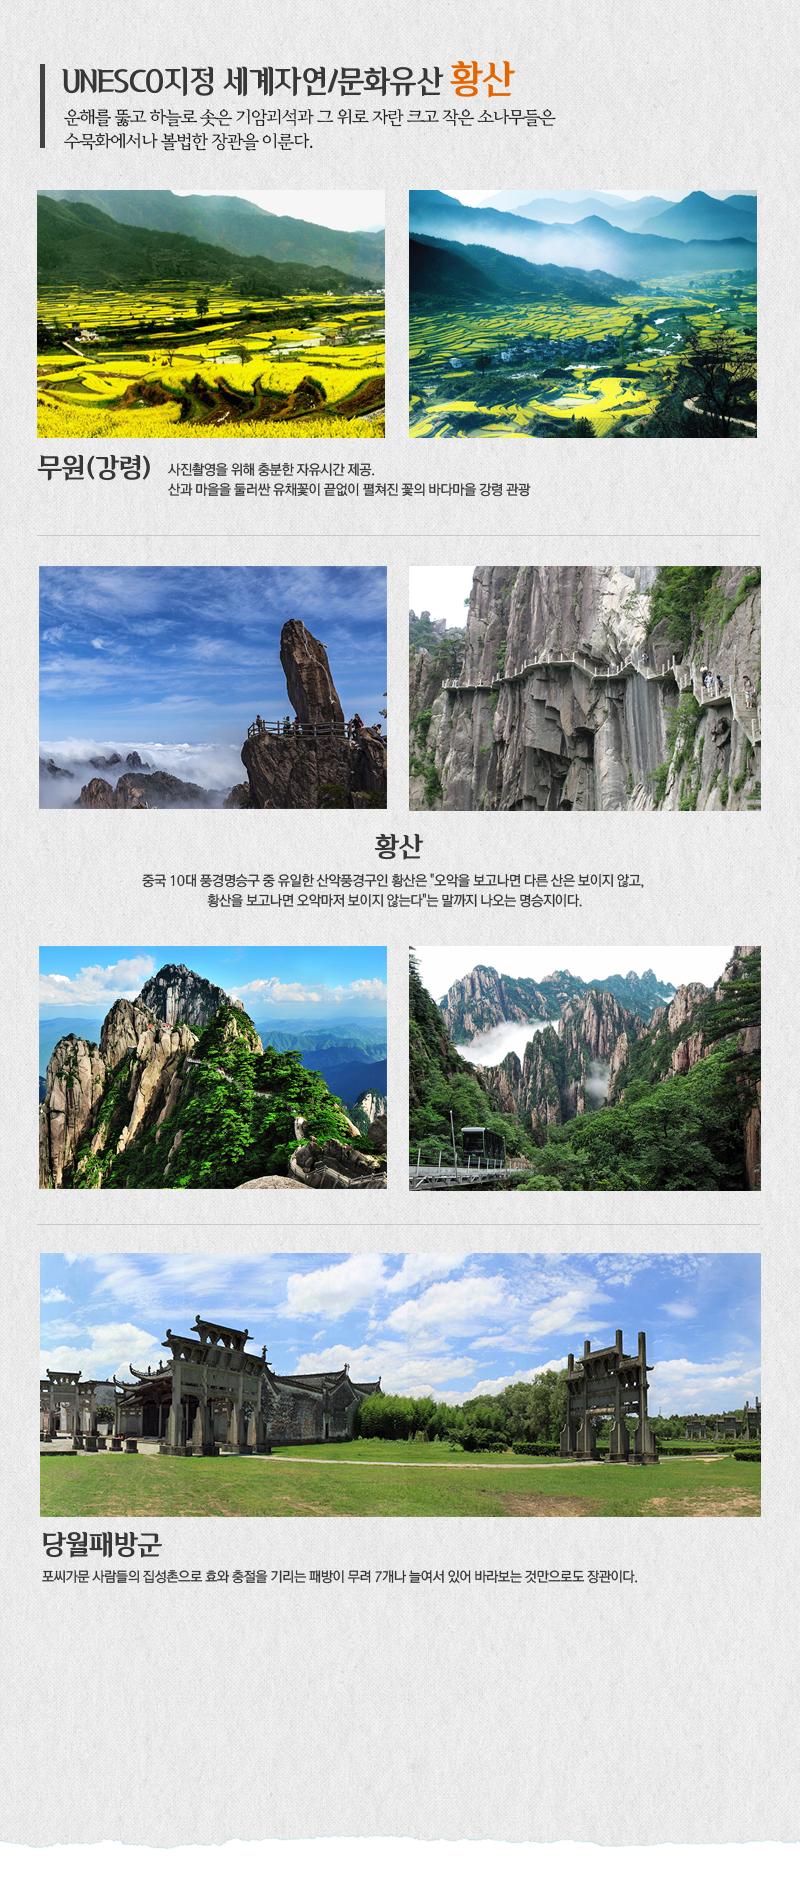 유네스코지정 세계자연문화유산 황산